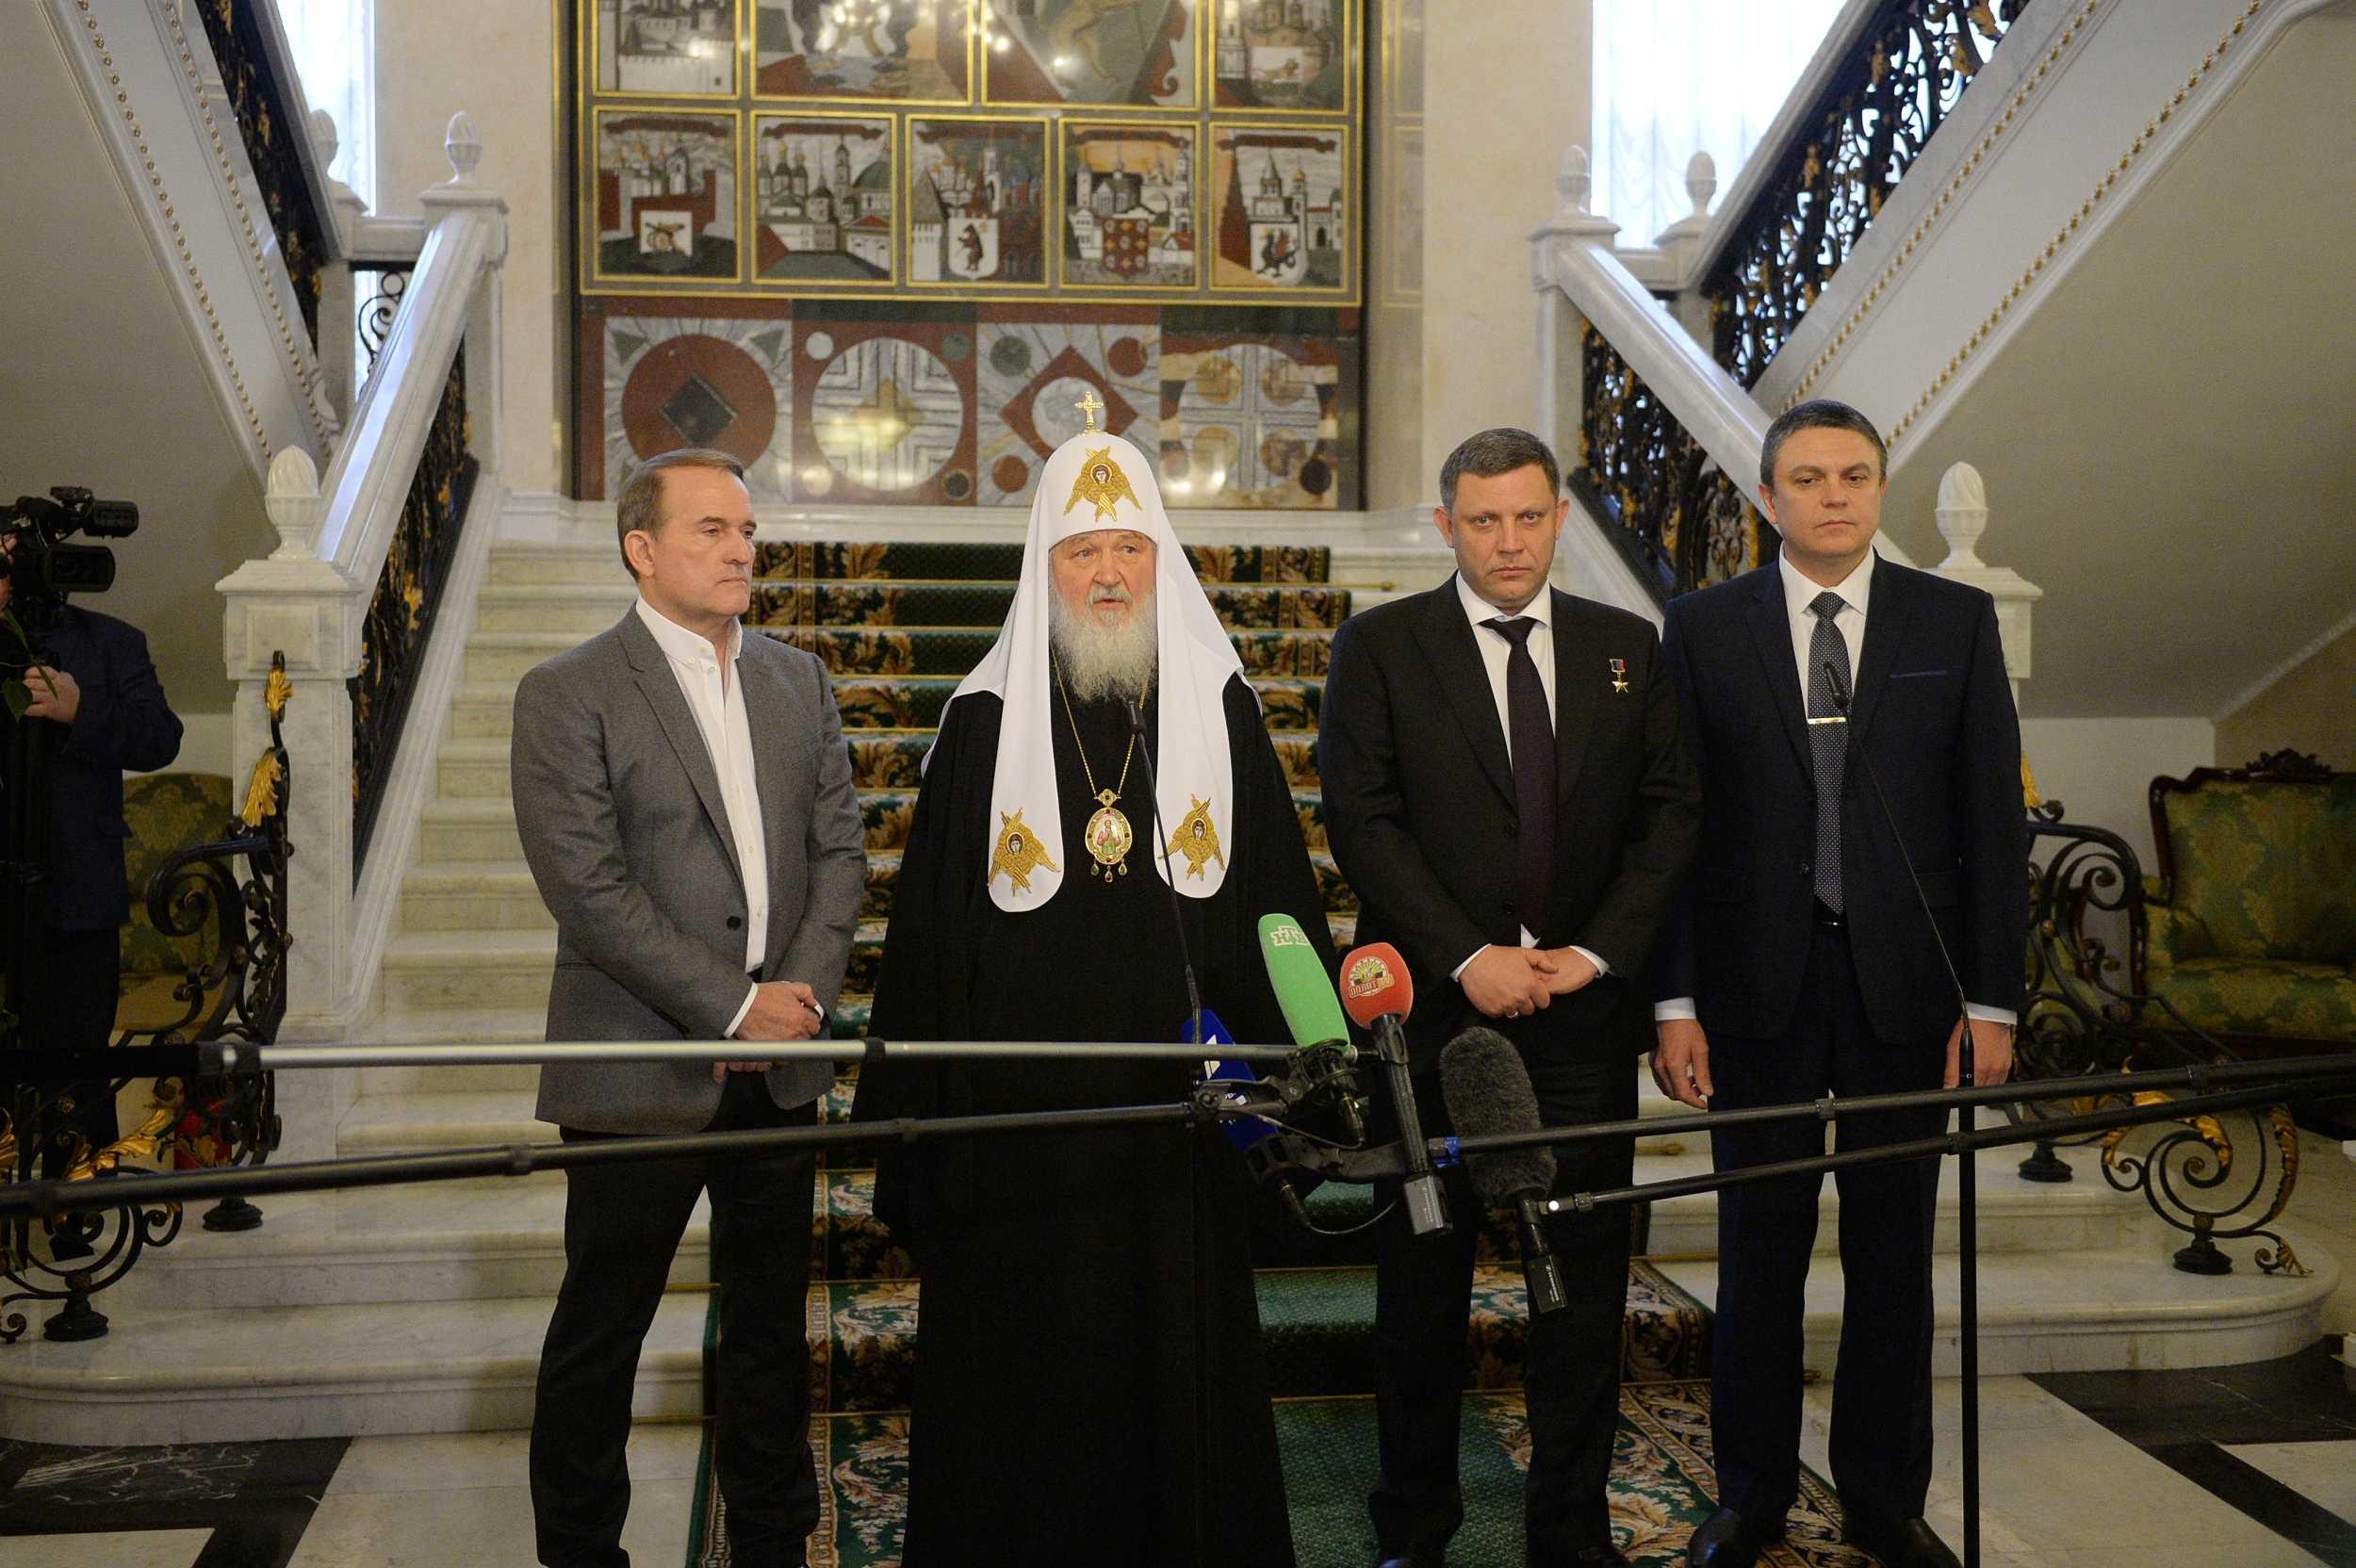 Глава РПЦ принял участие в переговорах по обмену военнопленными Украины и «Л/ДНР»